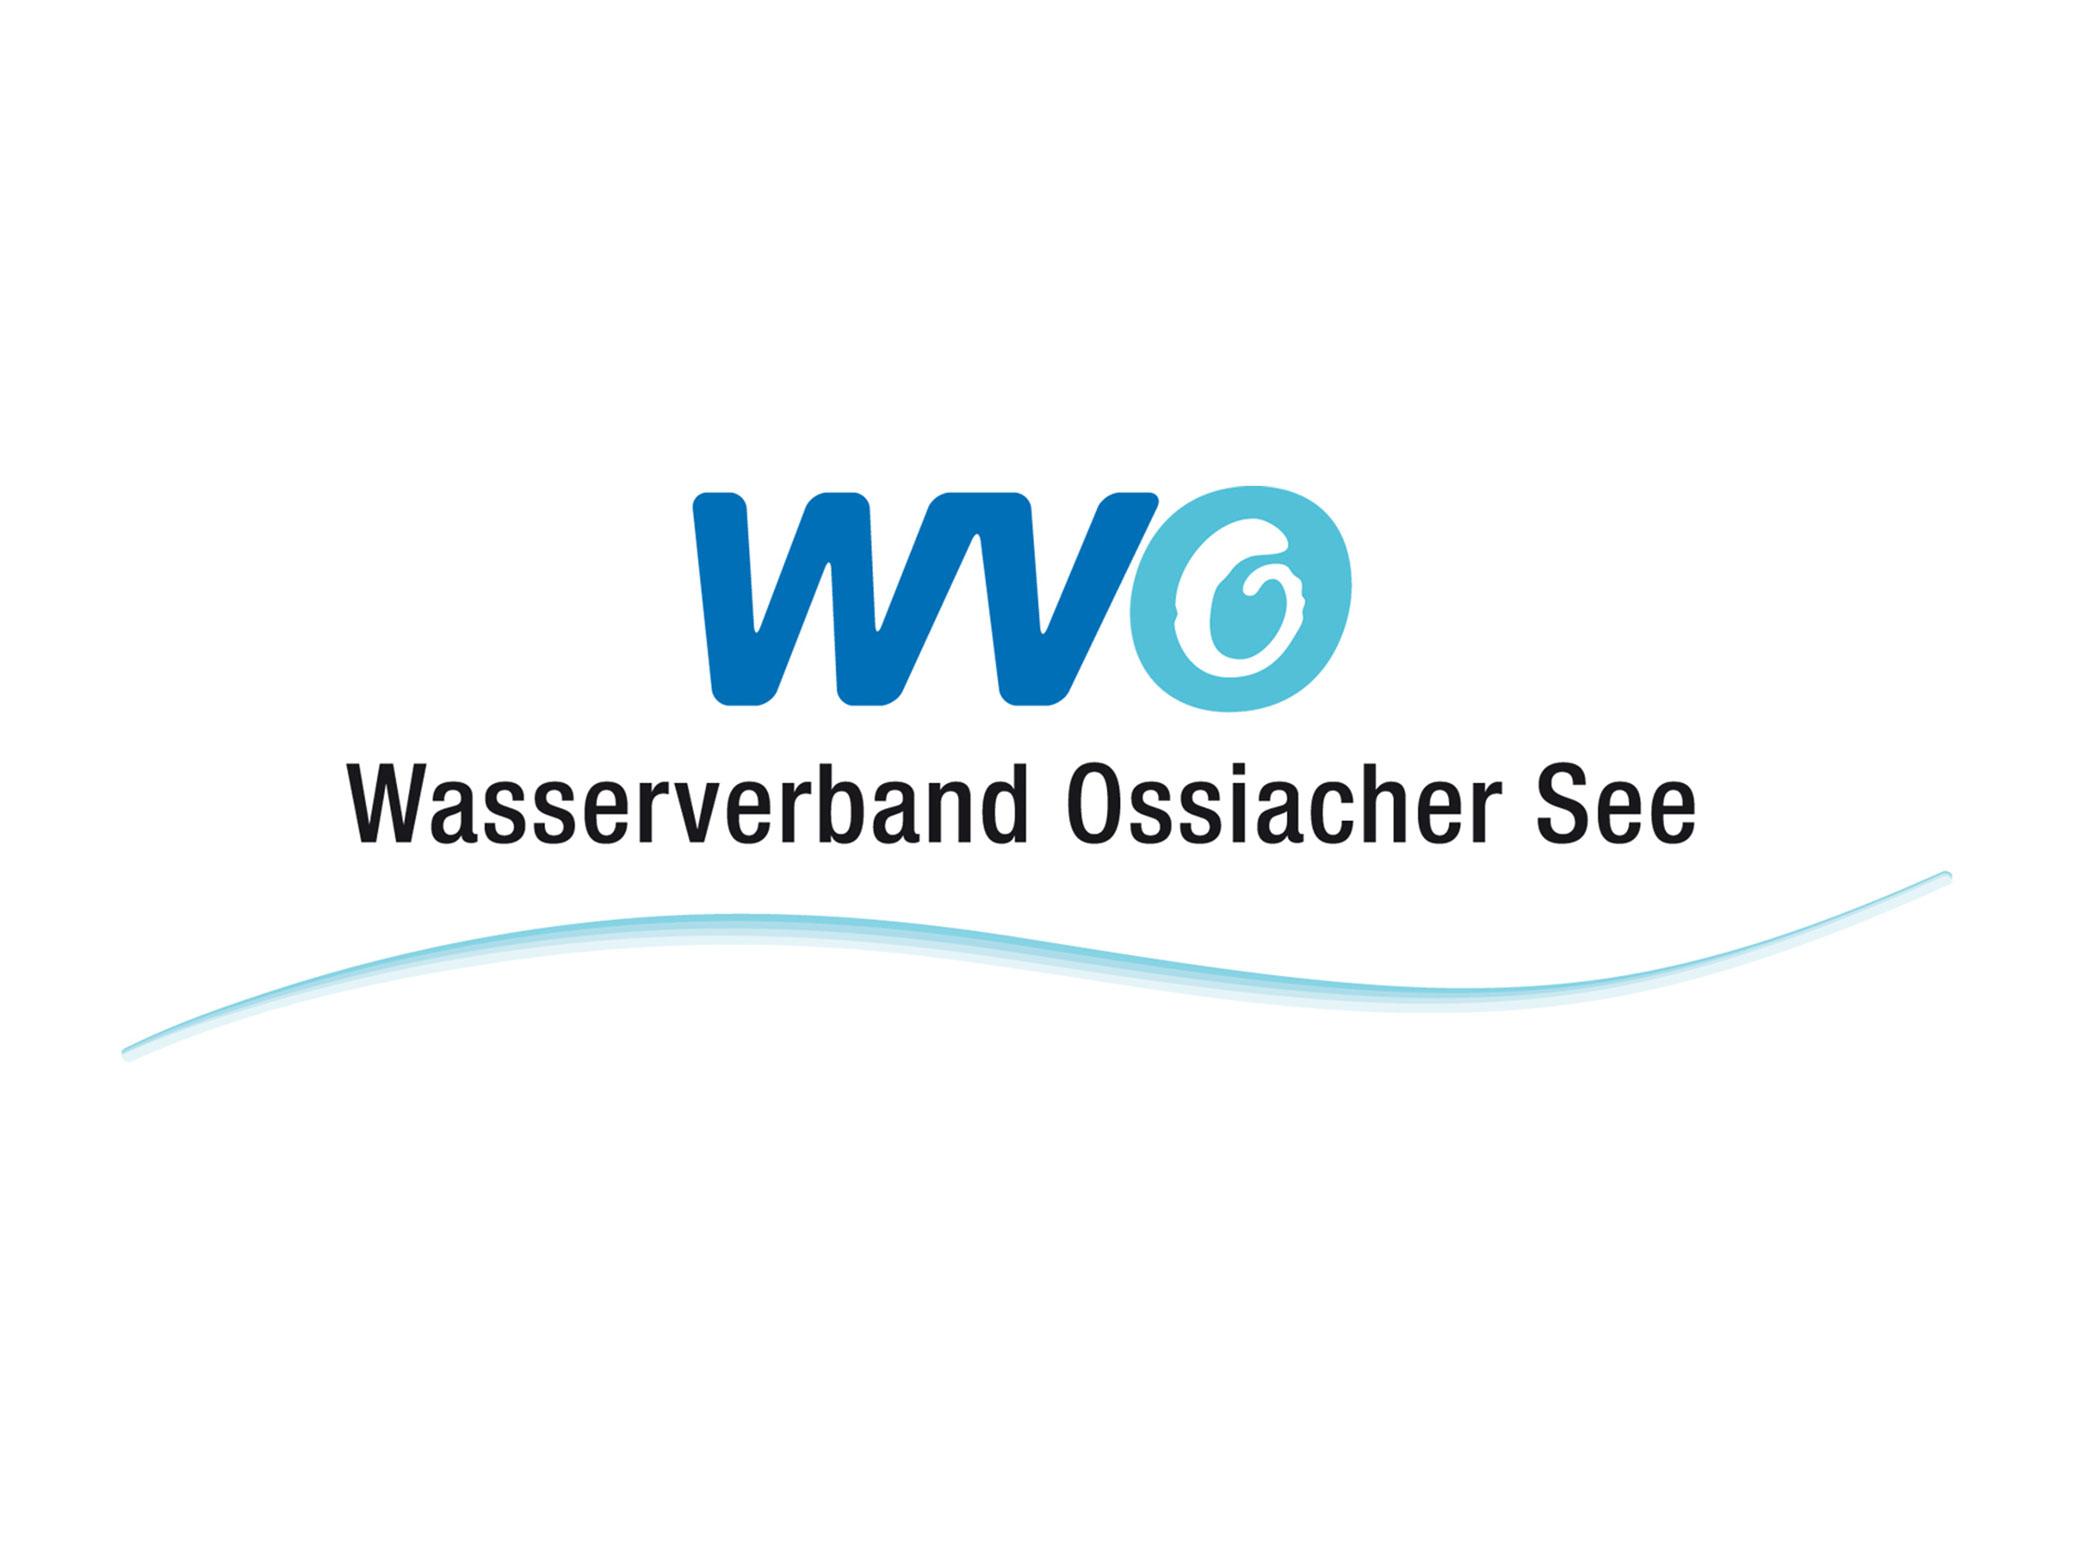 Wasserverband Feldkirchen